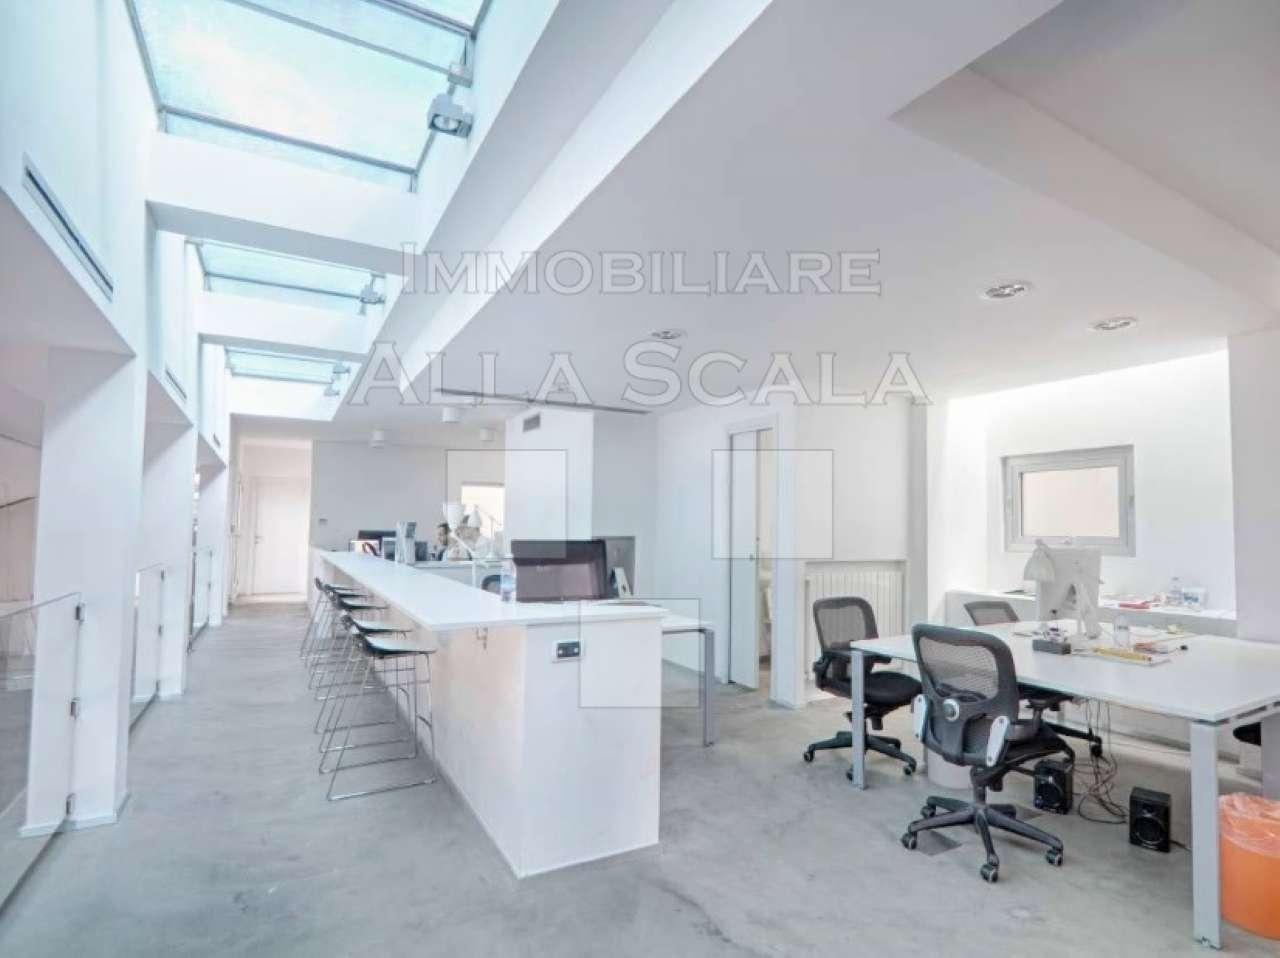 Ufficio / Studio in affitto a Milano, 10 locali, zona Zona: 1 . Centro Storico, Duomo, Brera, Cadorna, Cattolica, prezzo € 10.000 | CambioCasa.it